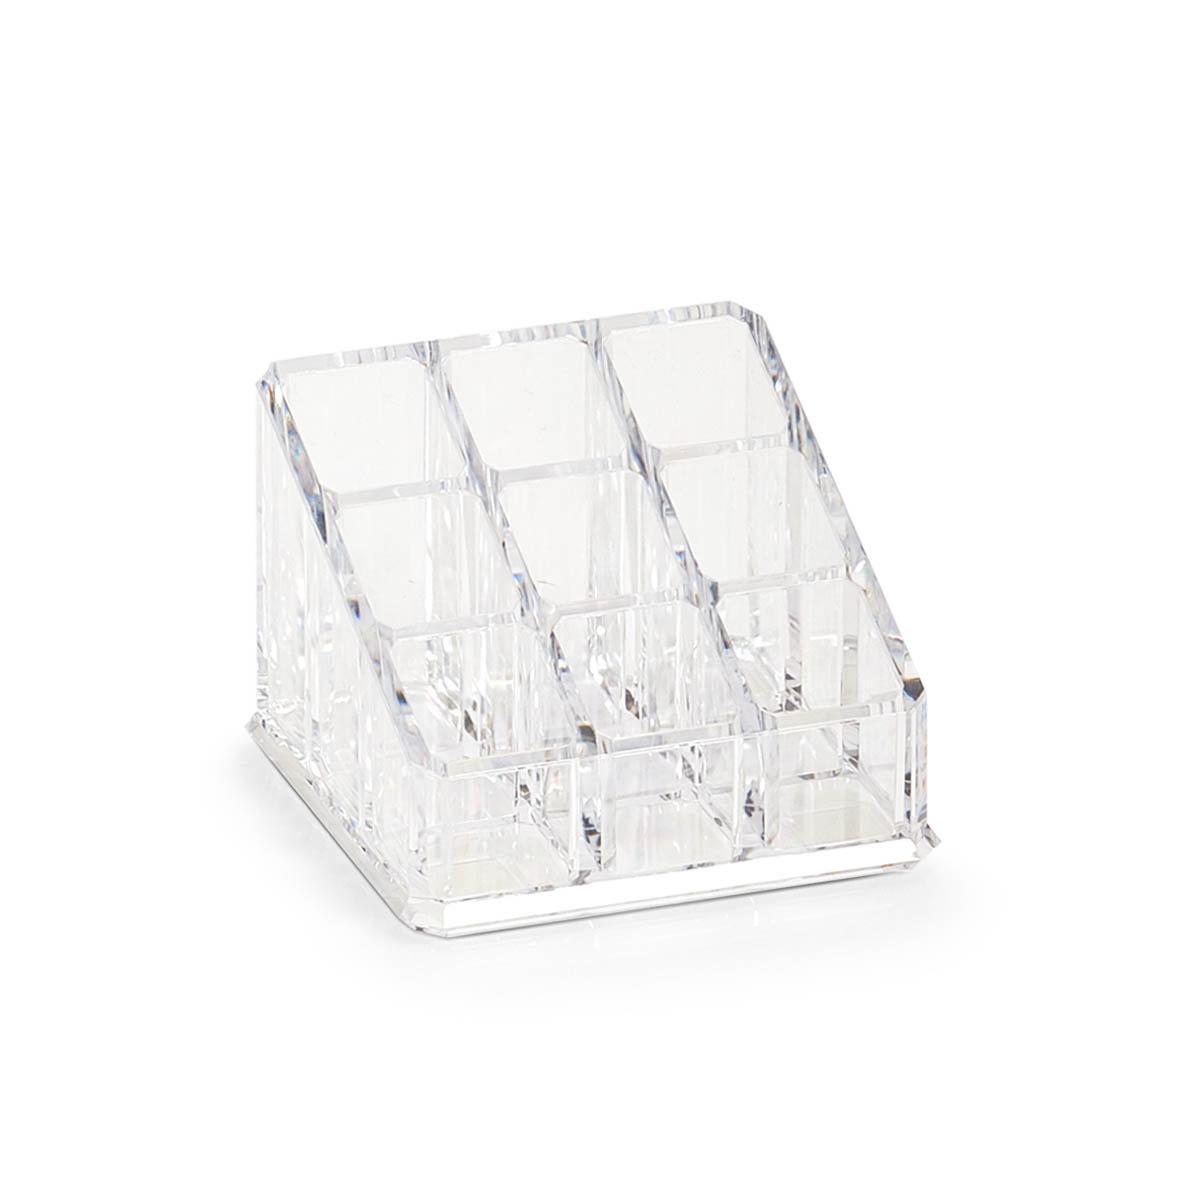 Organizator pentru cosmetice din plastic, Transparent, 9 compartimente, l9xA9xH6,5 cm imagine